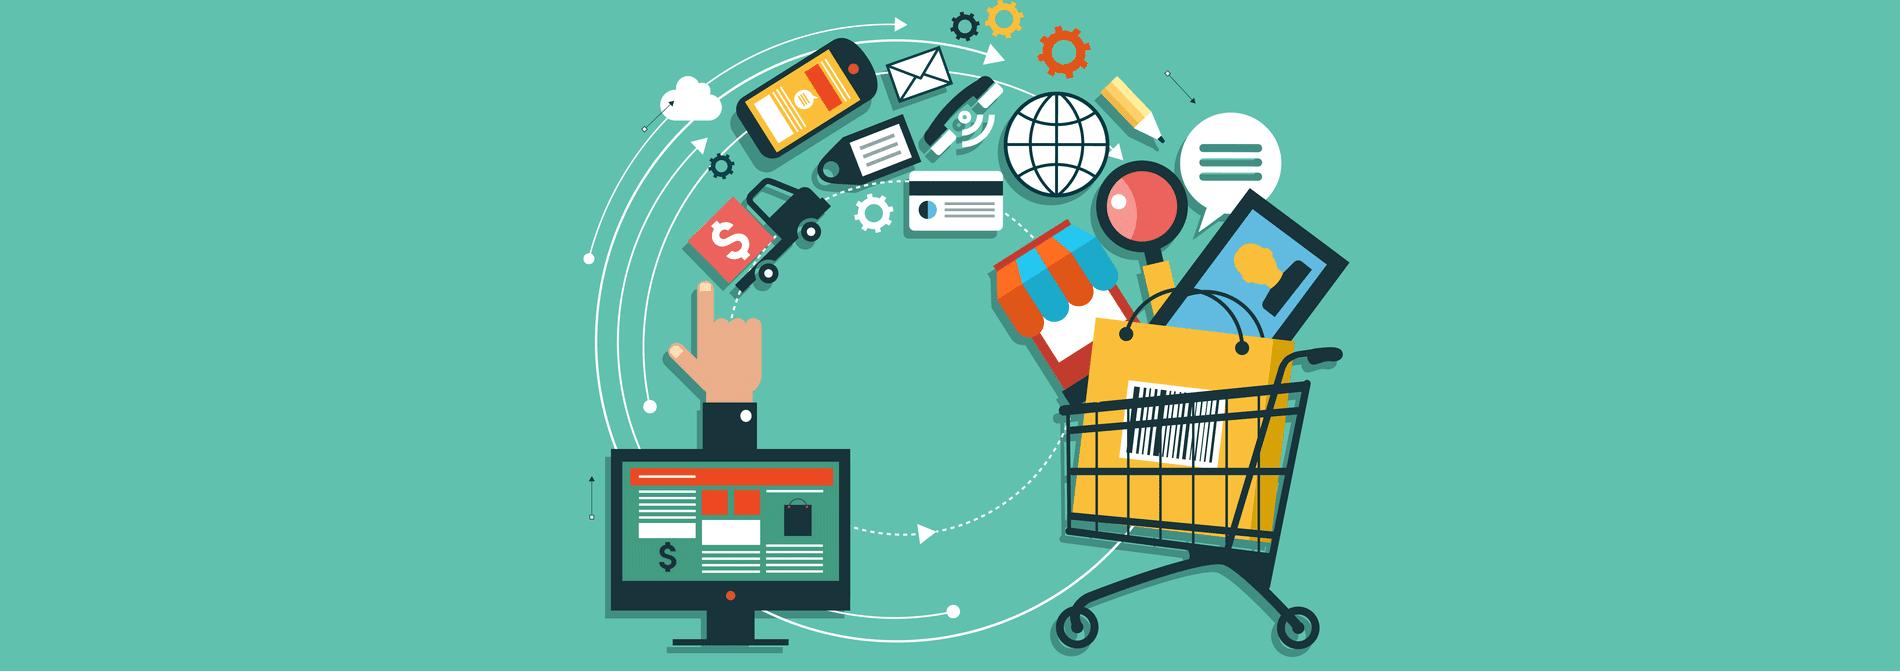 كيفية تعلم التسويق الإلكتروني